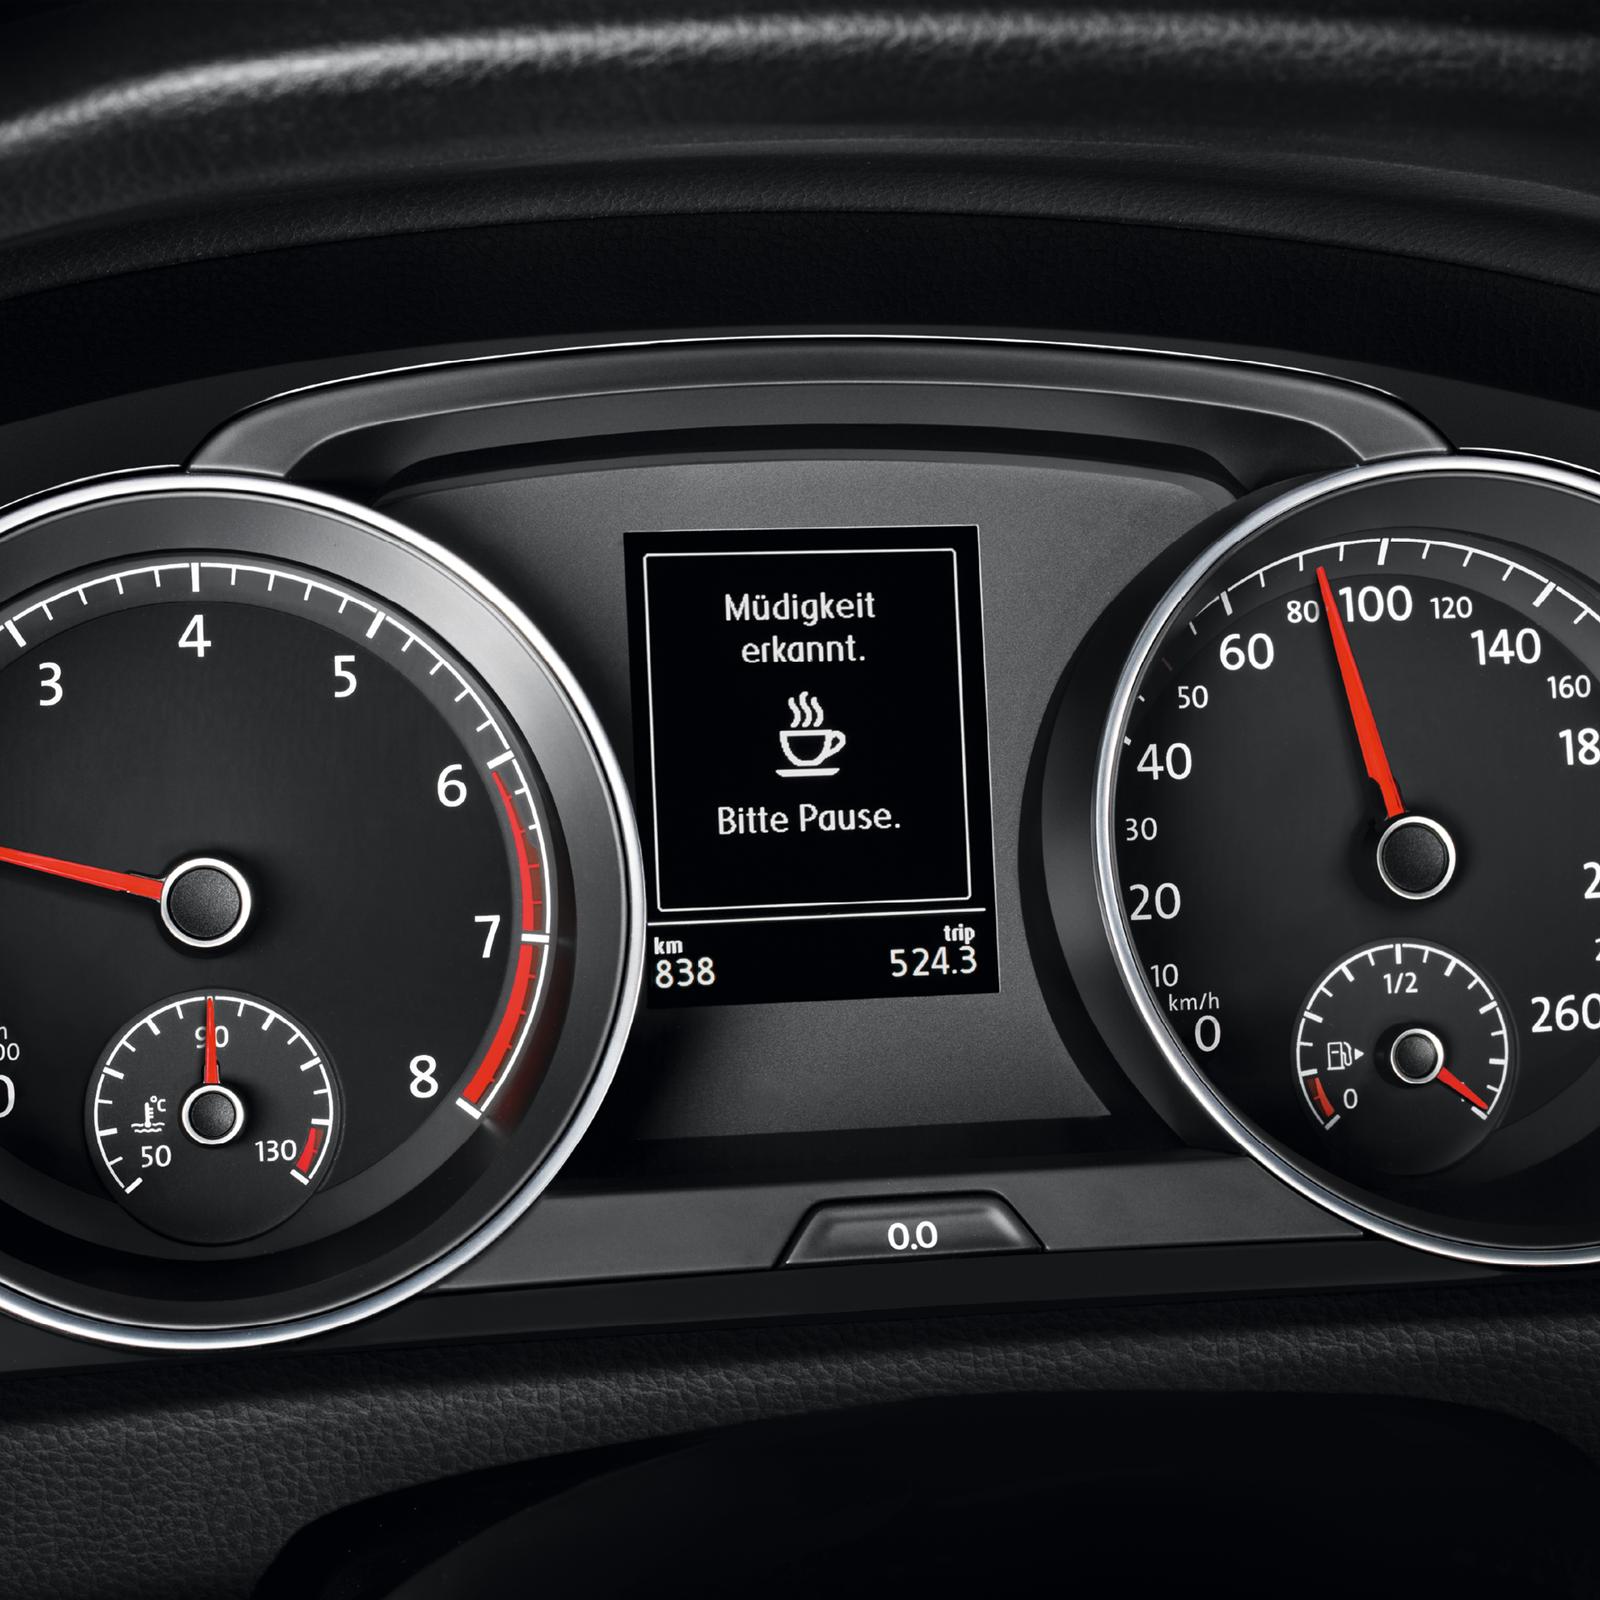 Original Volkswagen Müdigkeitserkennung Funktionserweiterung zum Nachrüsten 5G0054801